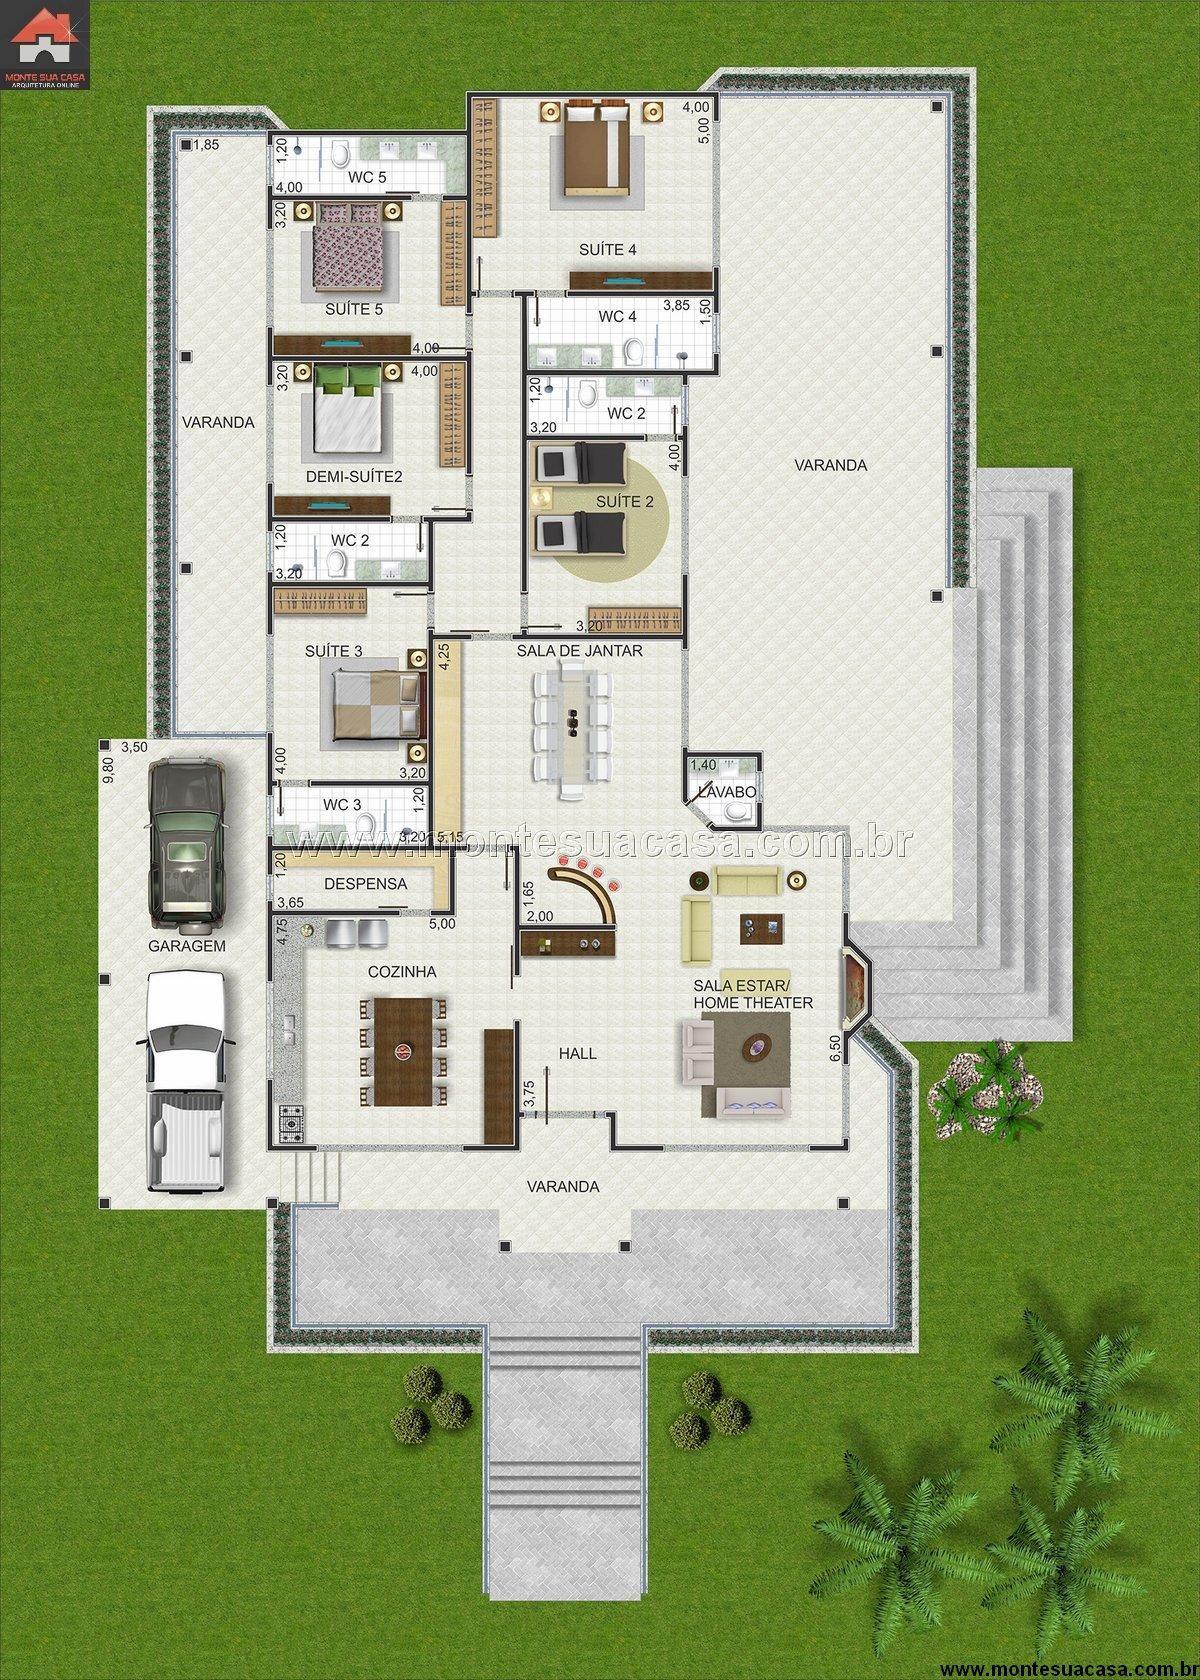 Casa 0 quartos arq decor projetos - Casas de campo bonitas ...